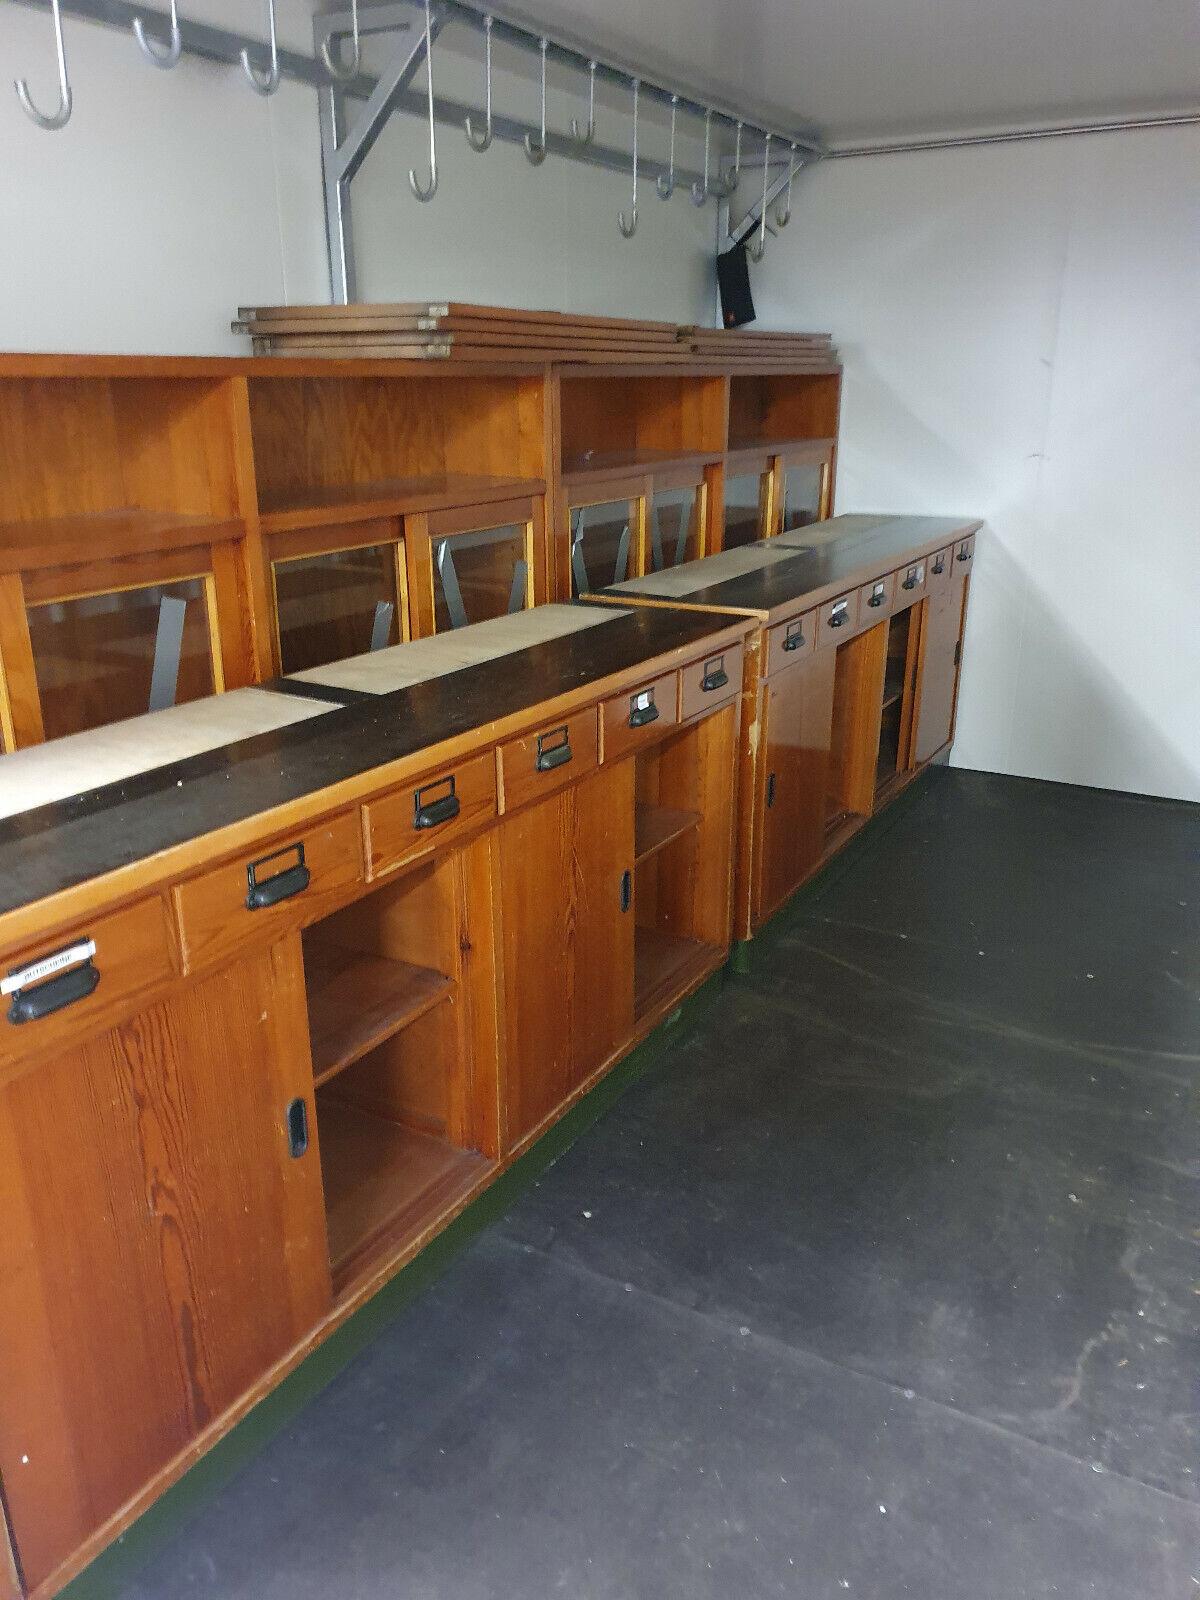 je 2 Unterschränke & 2 Stück Oberschränke Apothekerschrank Schubladenschrank